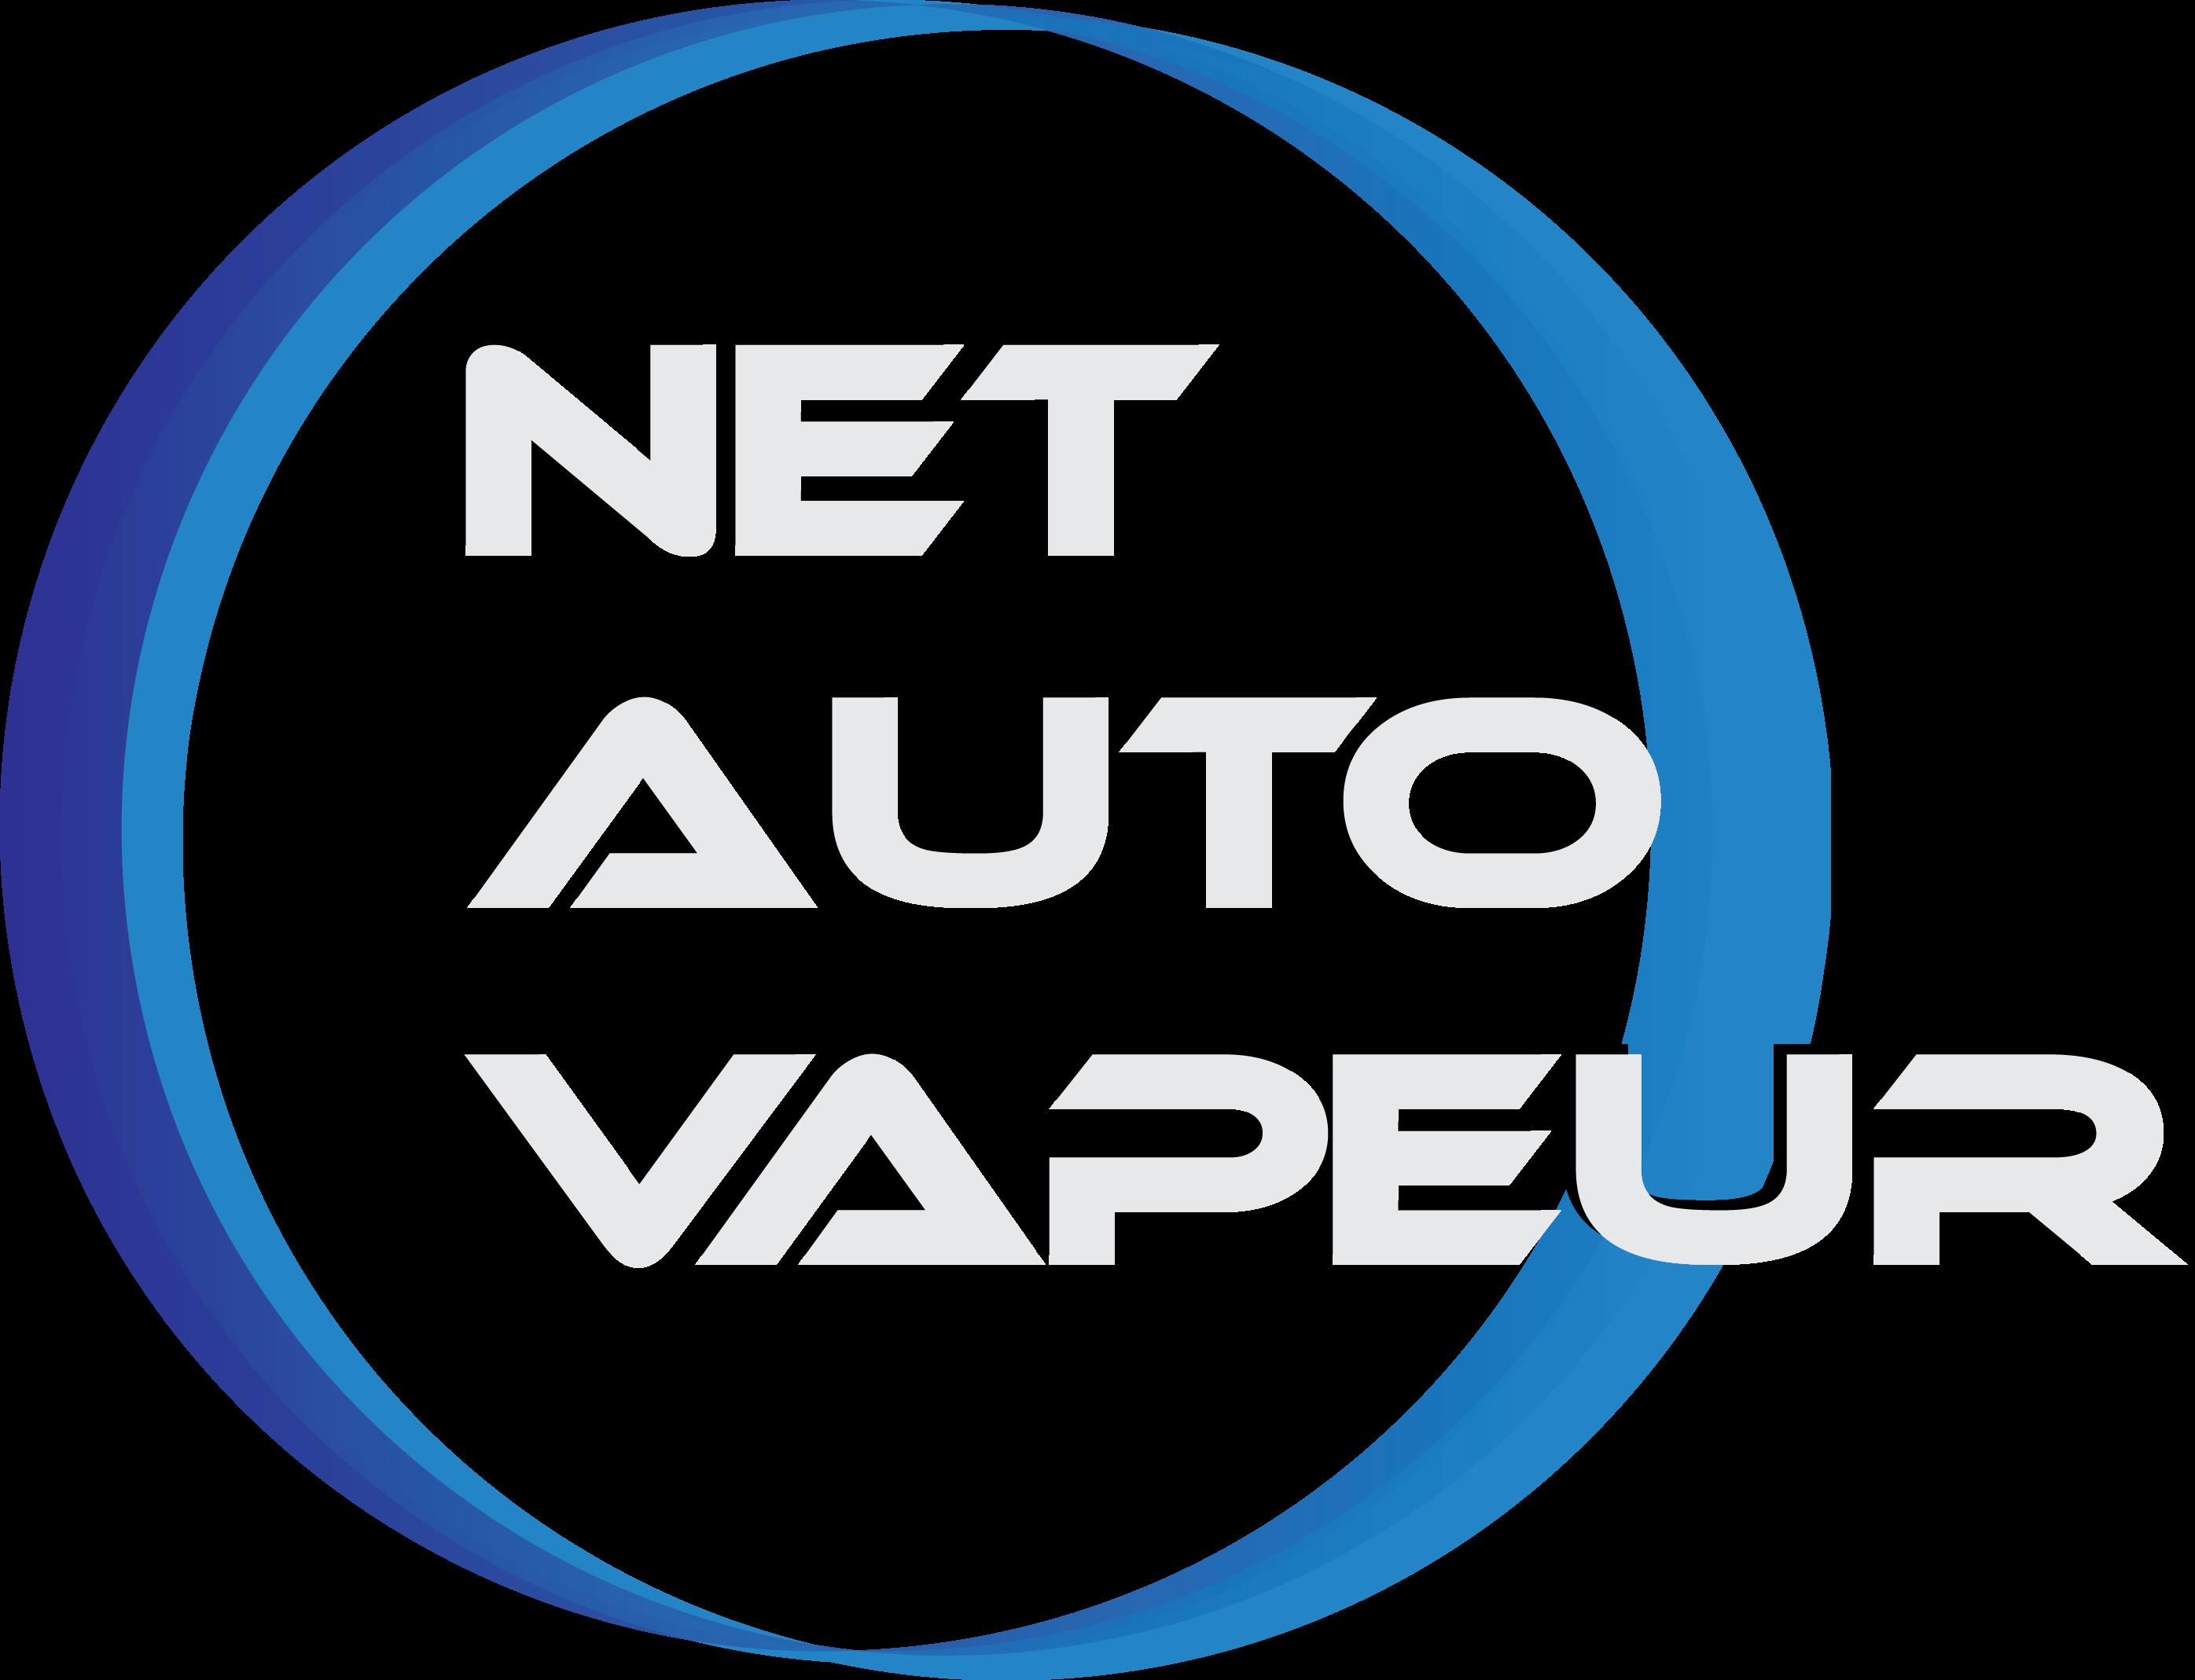 Net Auto Vapeur Gigean. Nettoyage auto à domicile. 07.86.42.44.32.